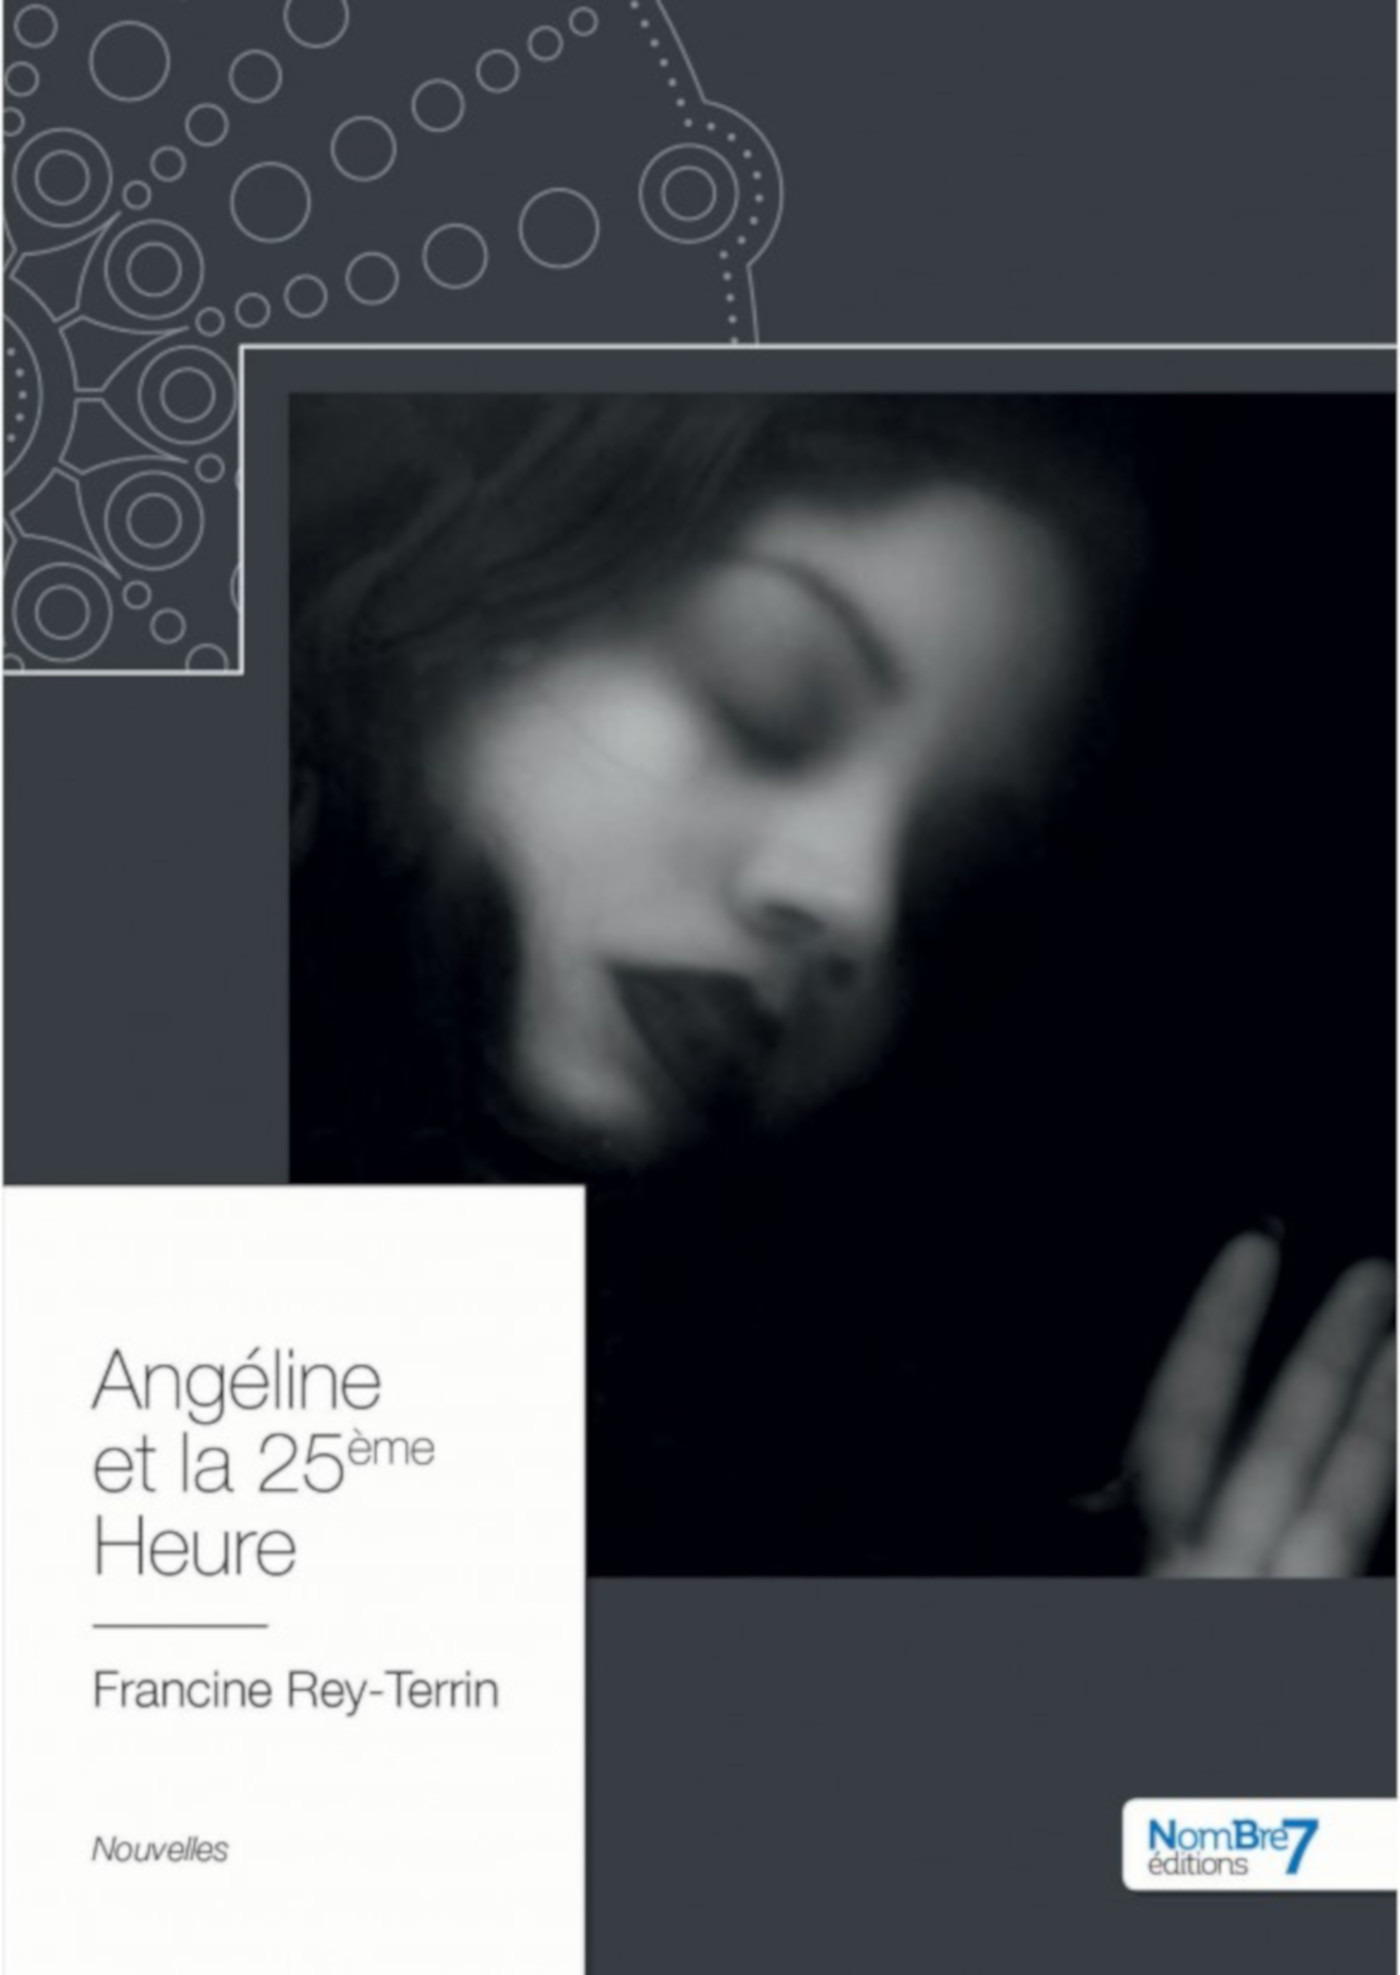 Angeline et la 25eme heure